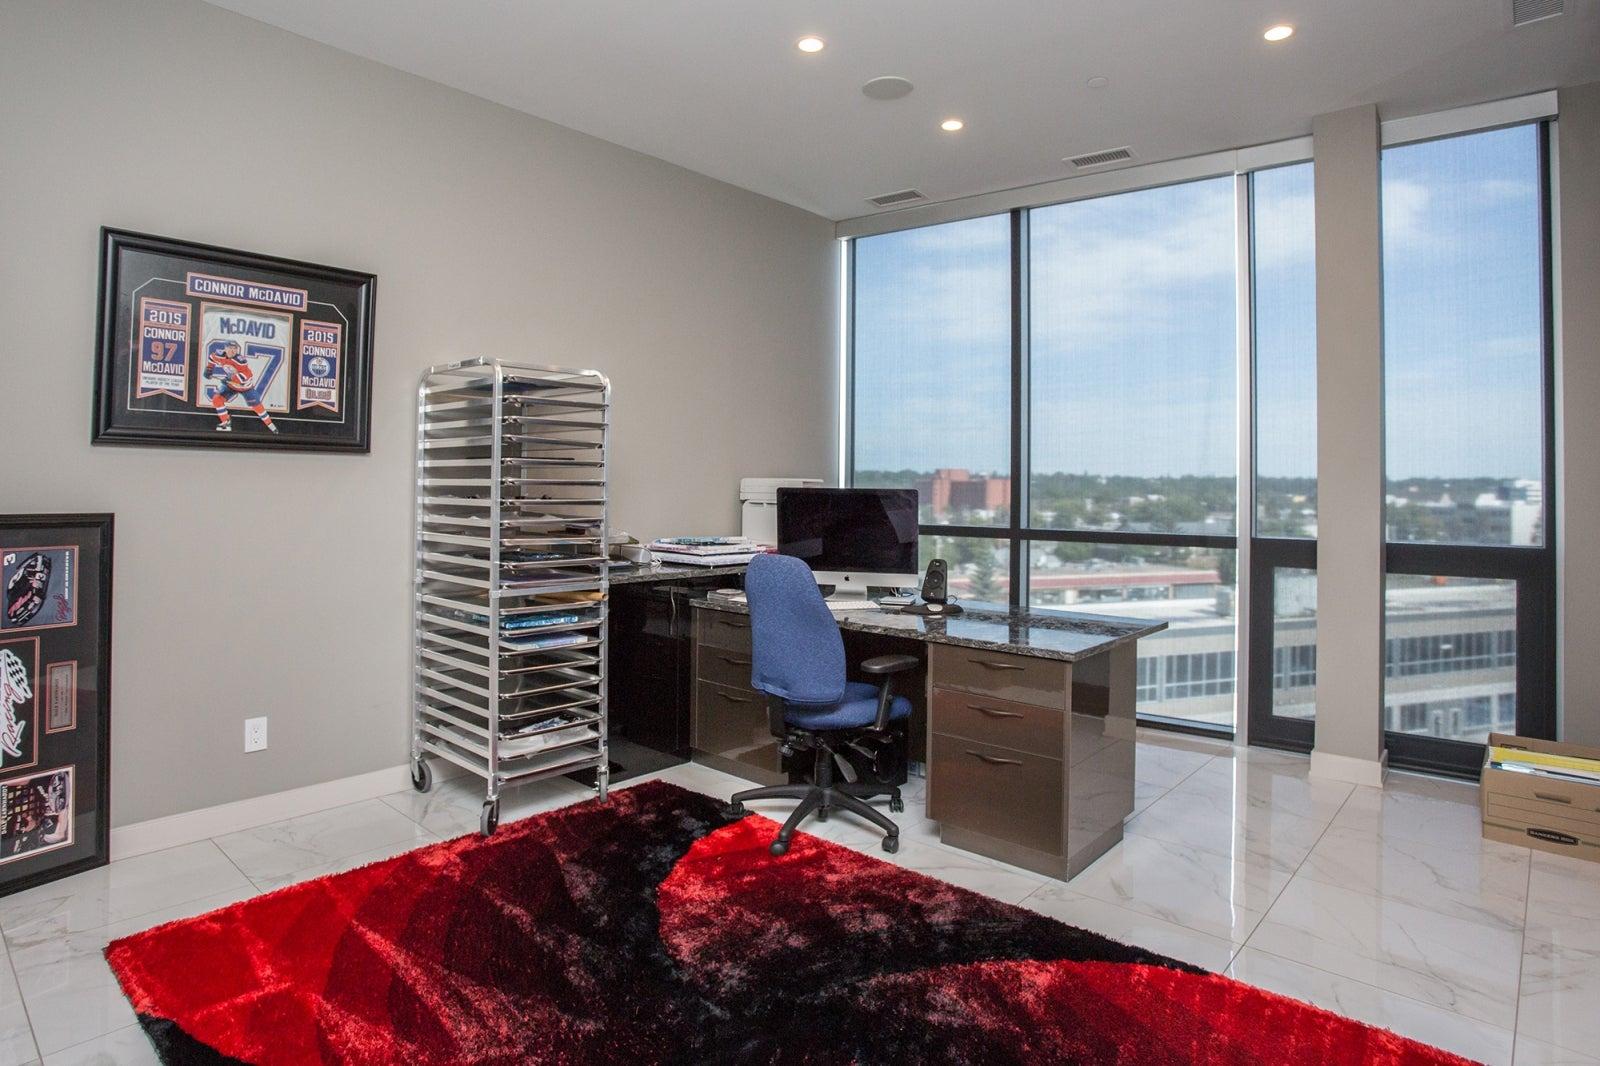 503-5002 55 Street, Red Deer, AB  T4N 7A4 - red_deer APTU for sale, 2 Bedrooms  #12